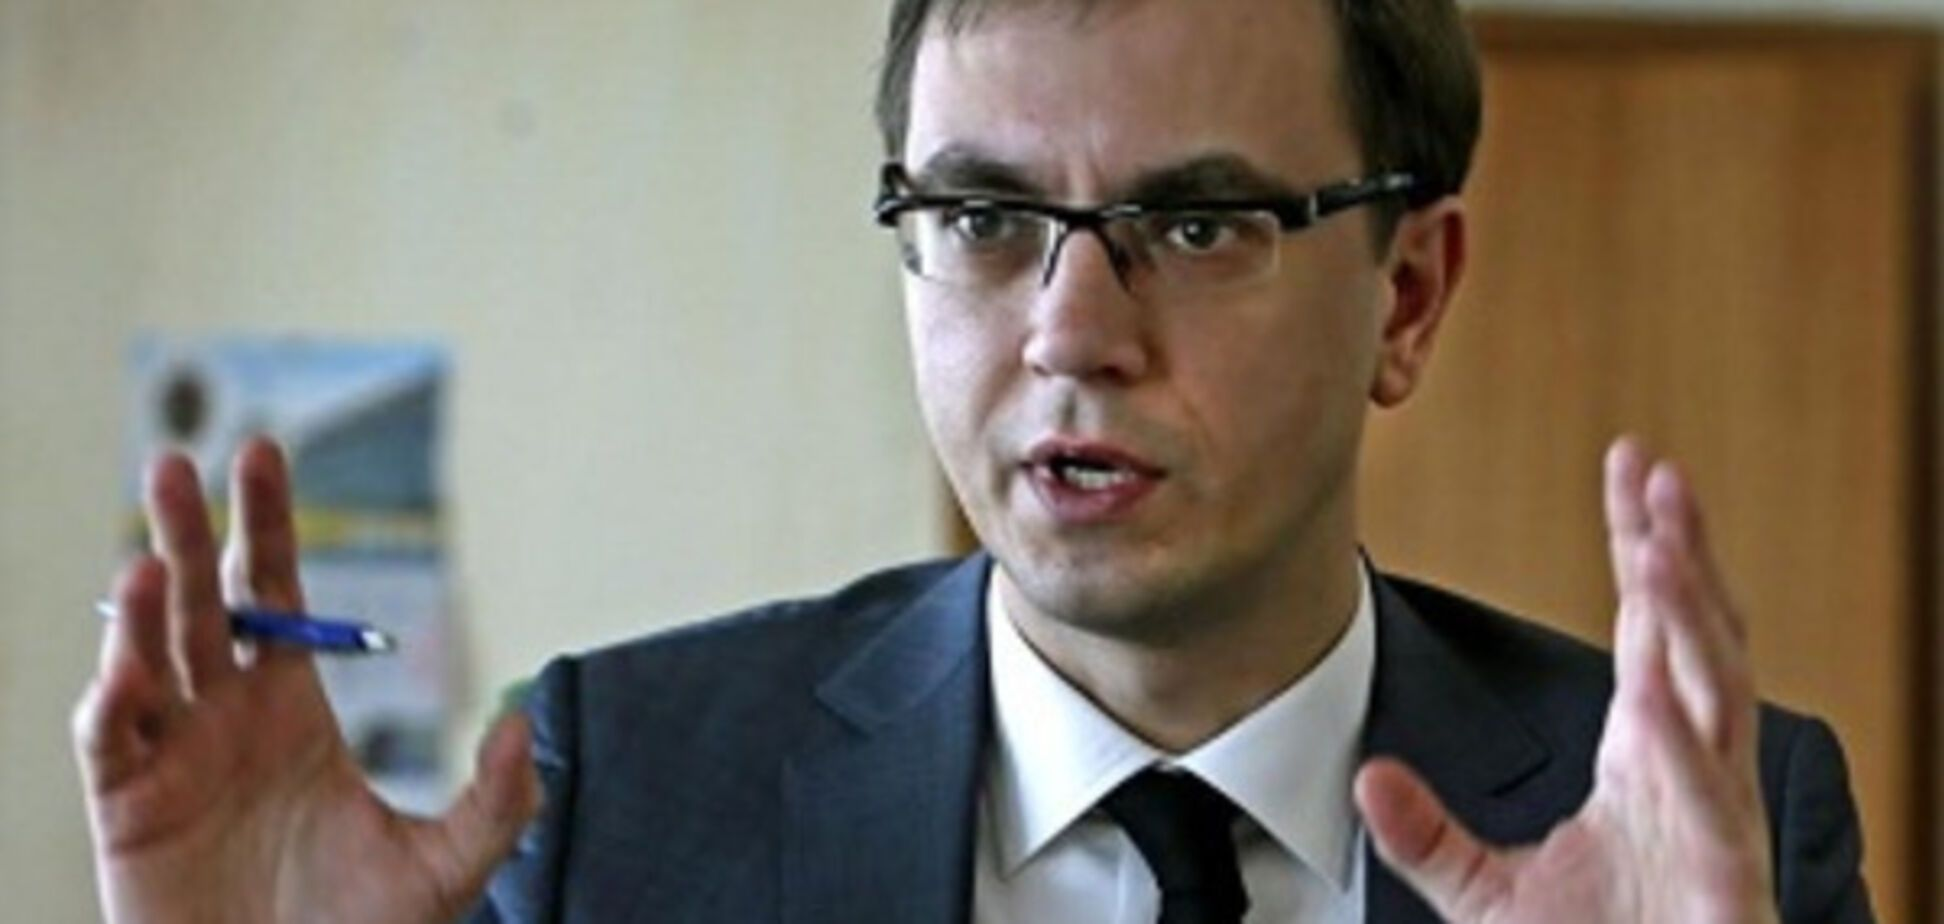 Омелян намерен повысить грузовые ж/д тарифы без обсуждения с бизнесом - СМИ